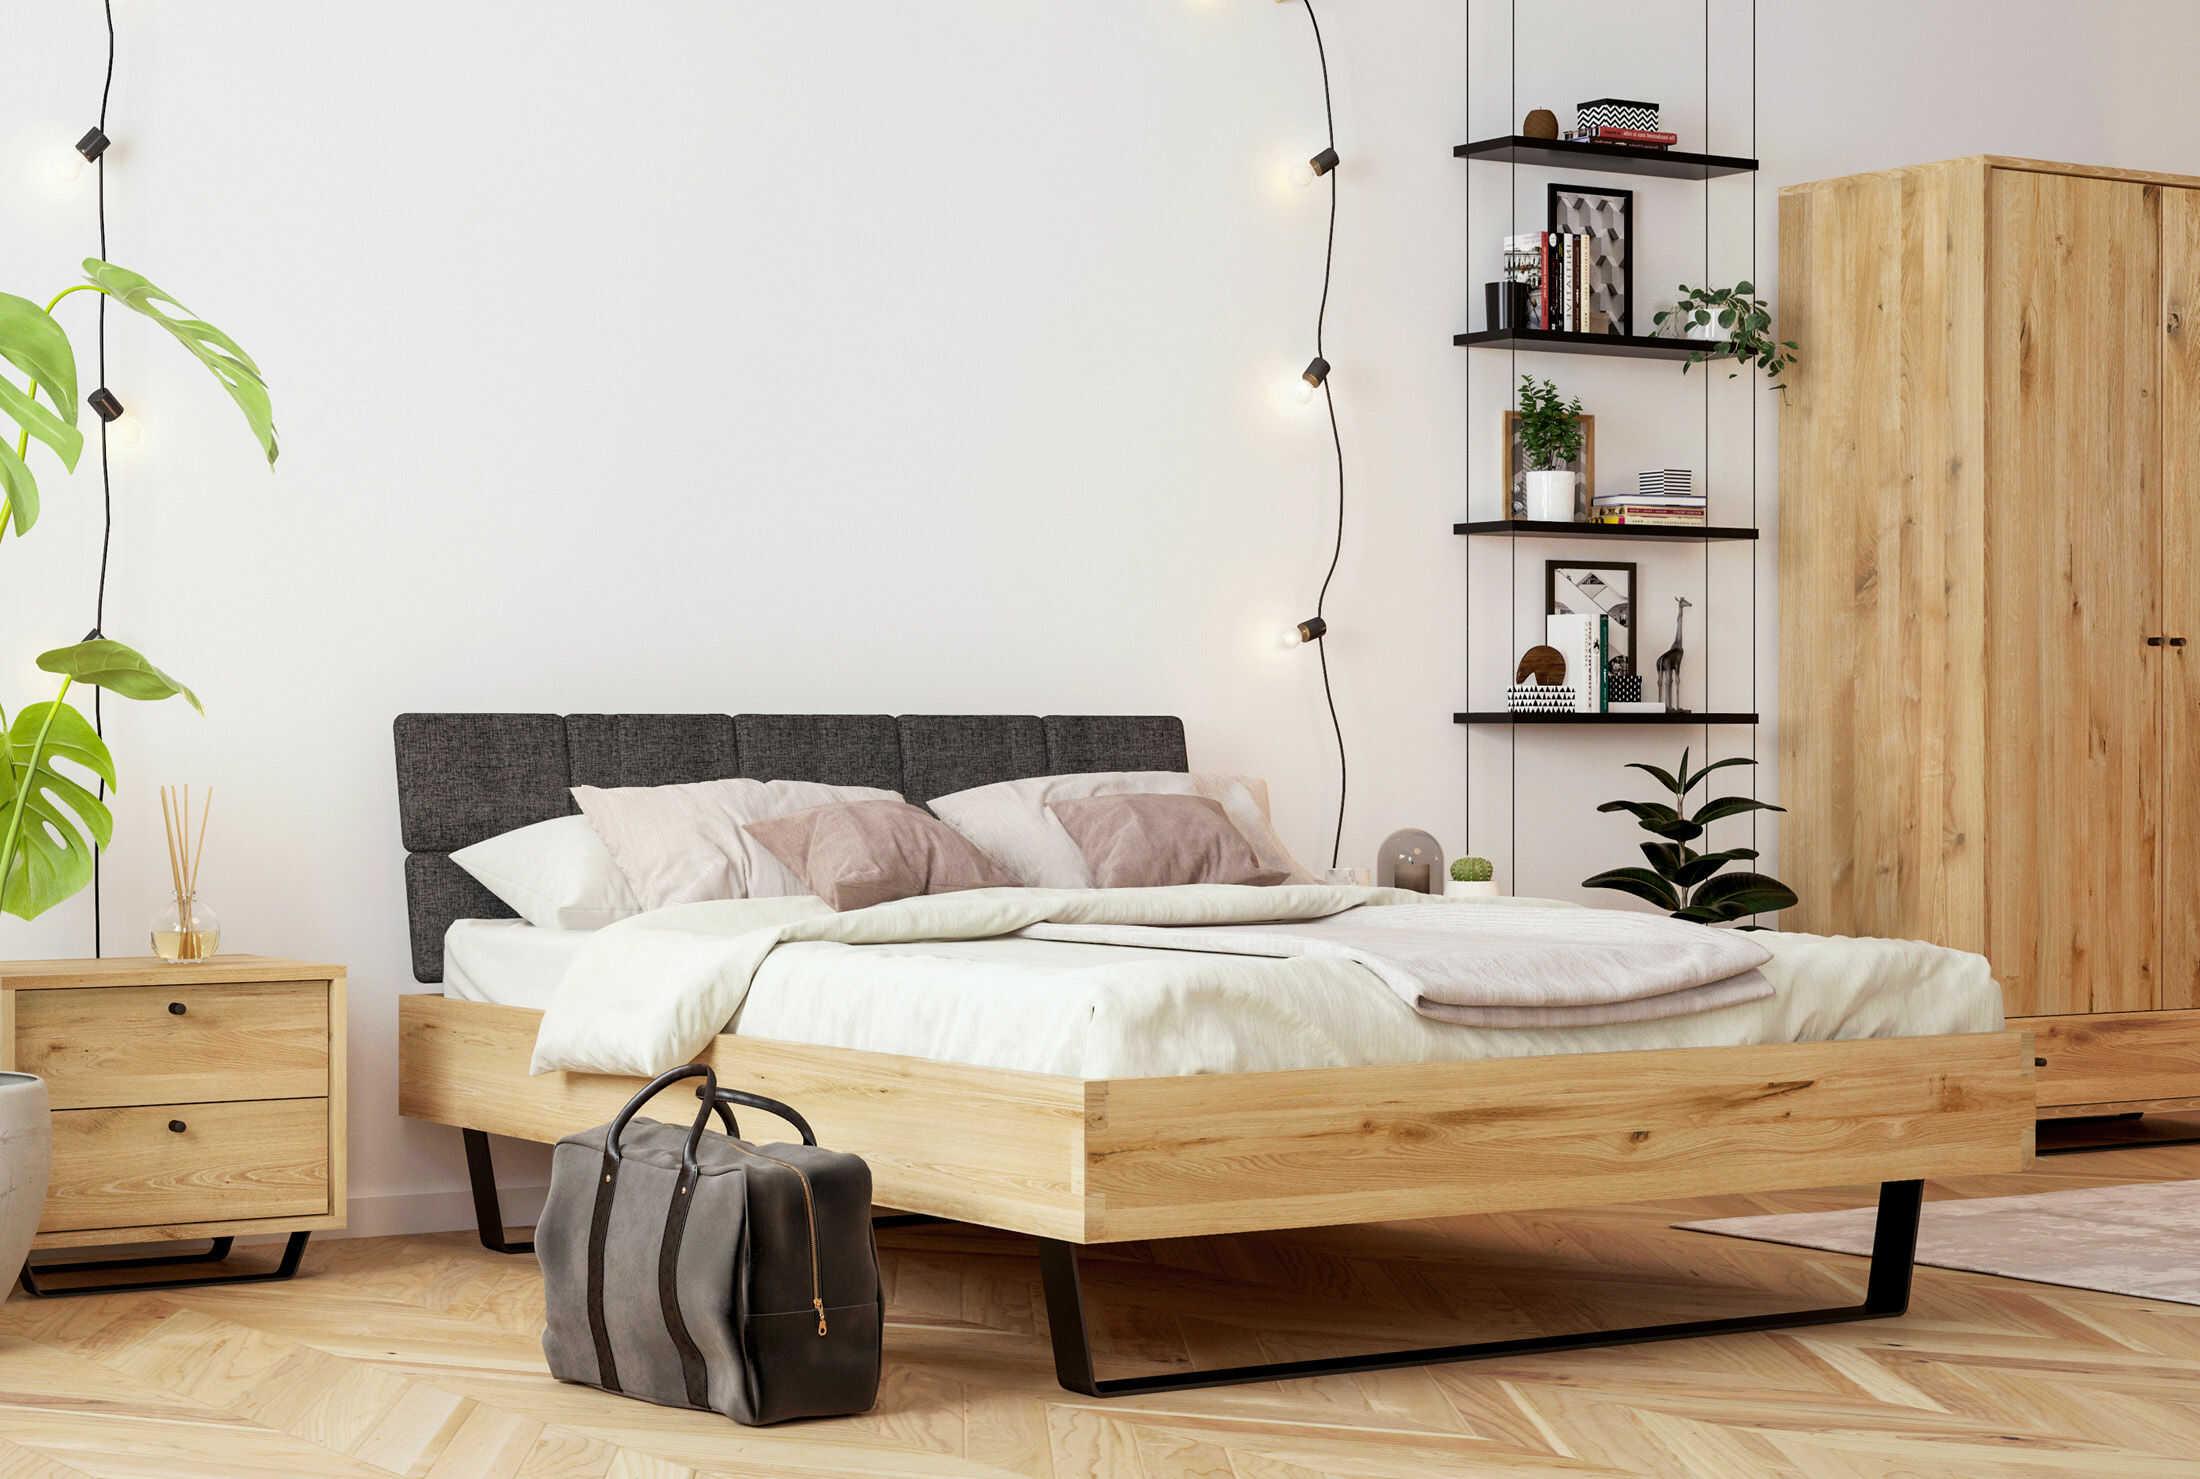 Łóżko dębowe Steel 01 na metalowych nogach